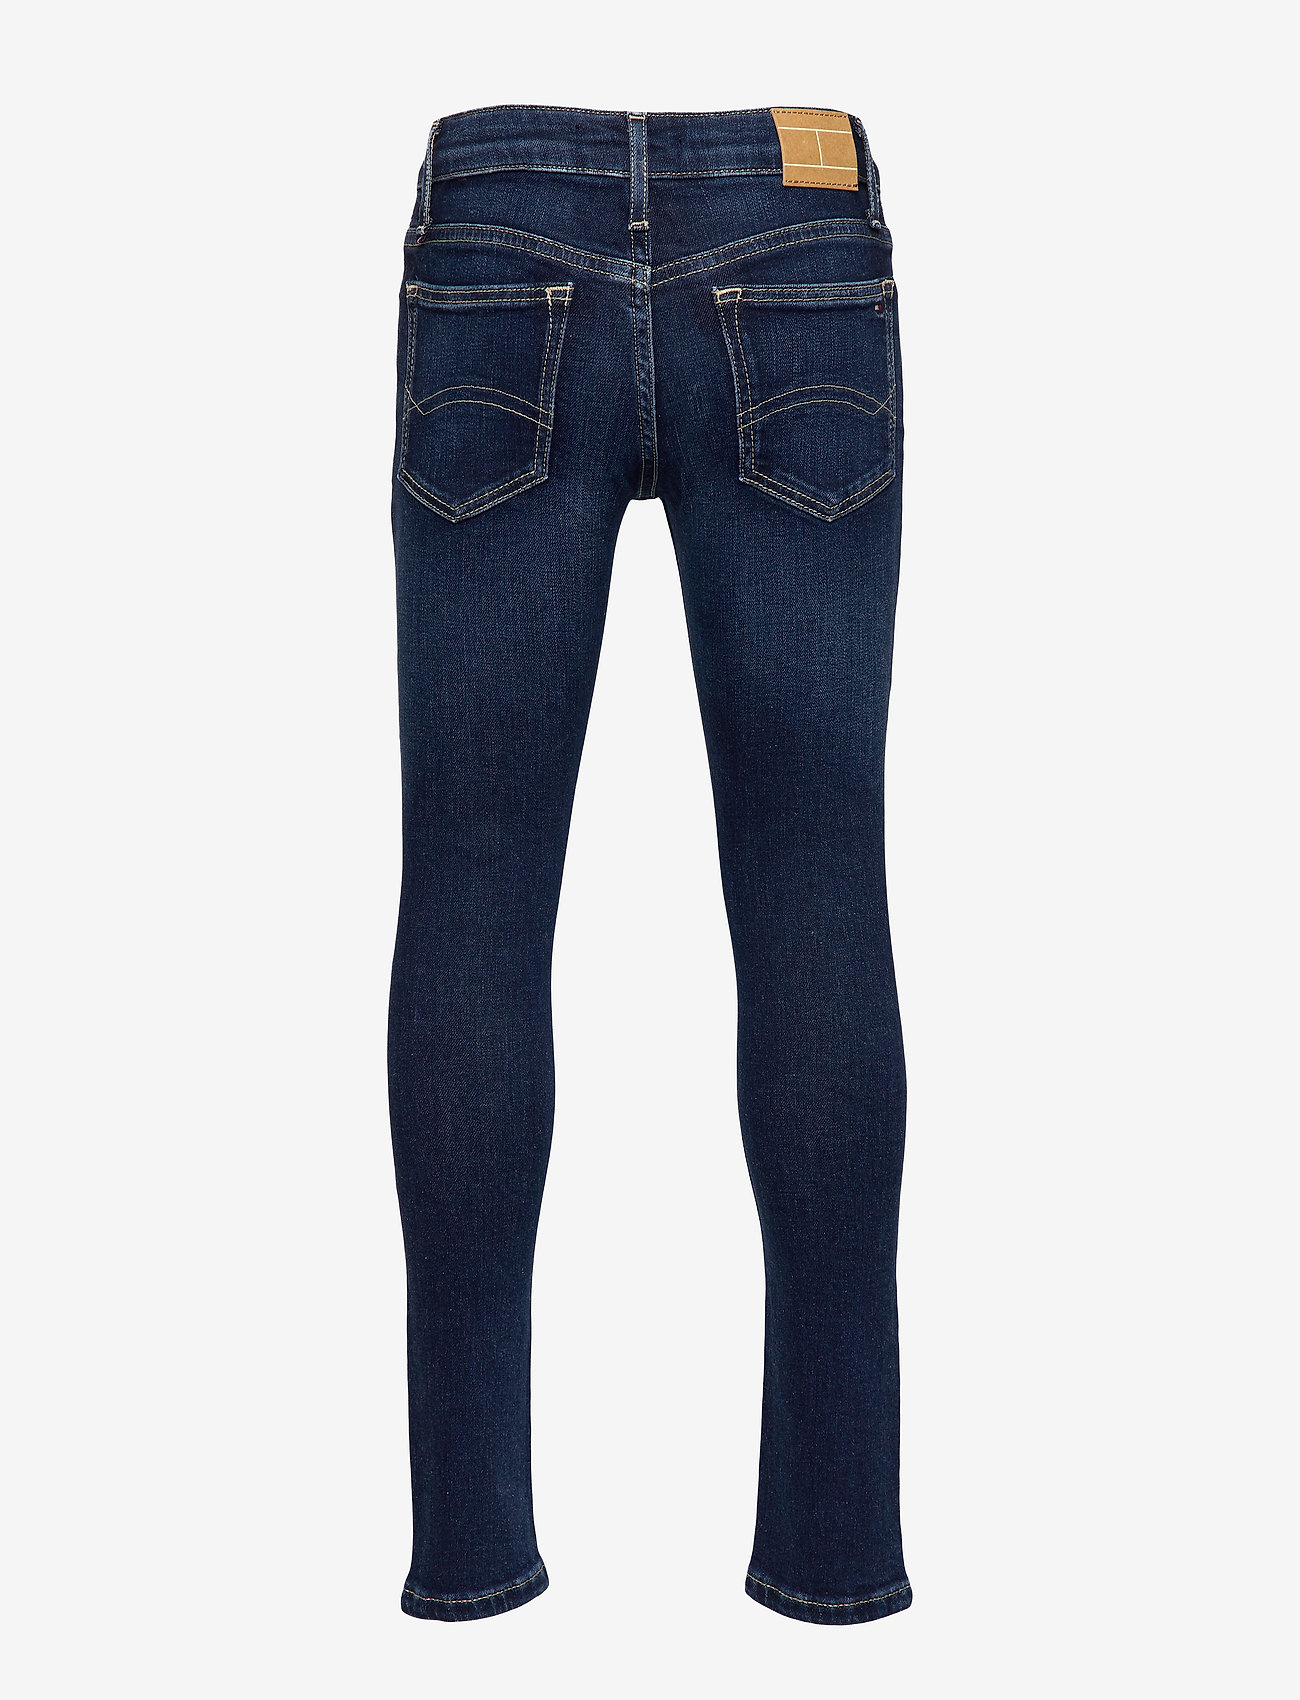 Tommy Hilfiger - GIRLS NORA SKINNY NY - jeans - new york dark stretch - 1